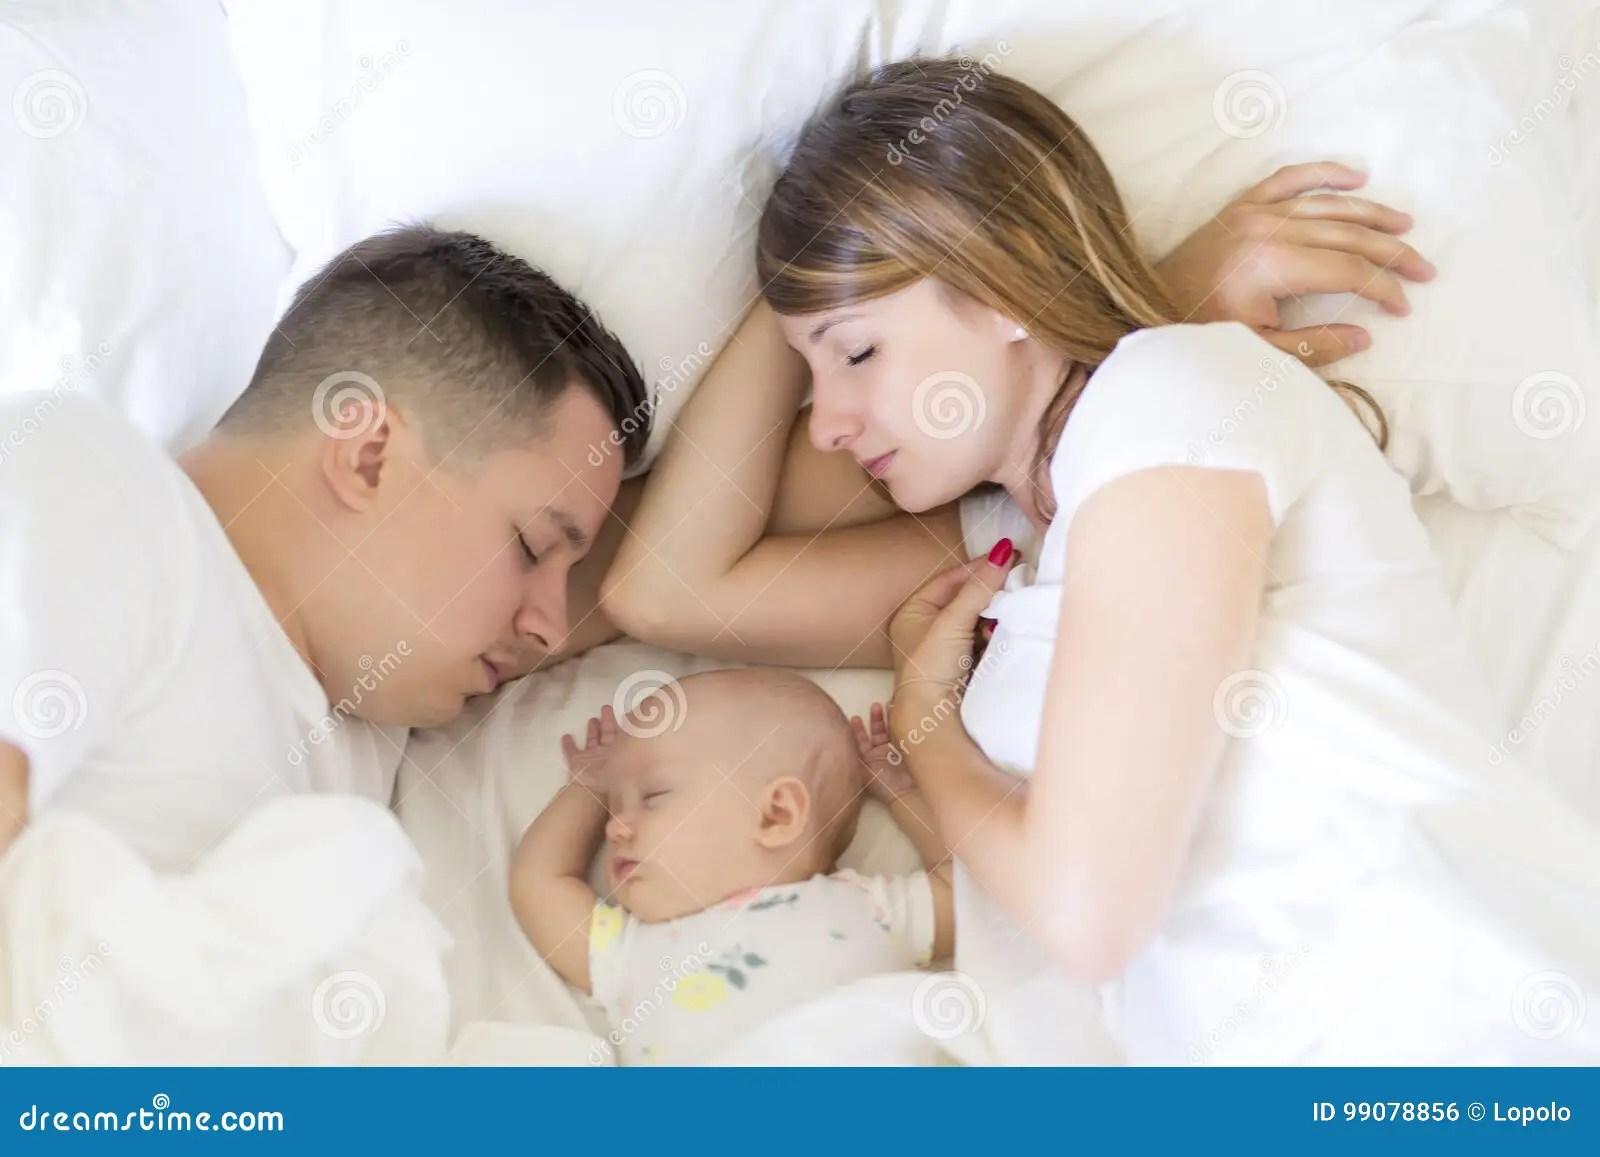 portrait of parent with